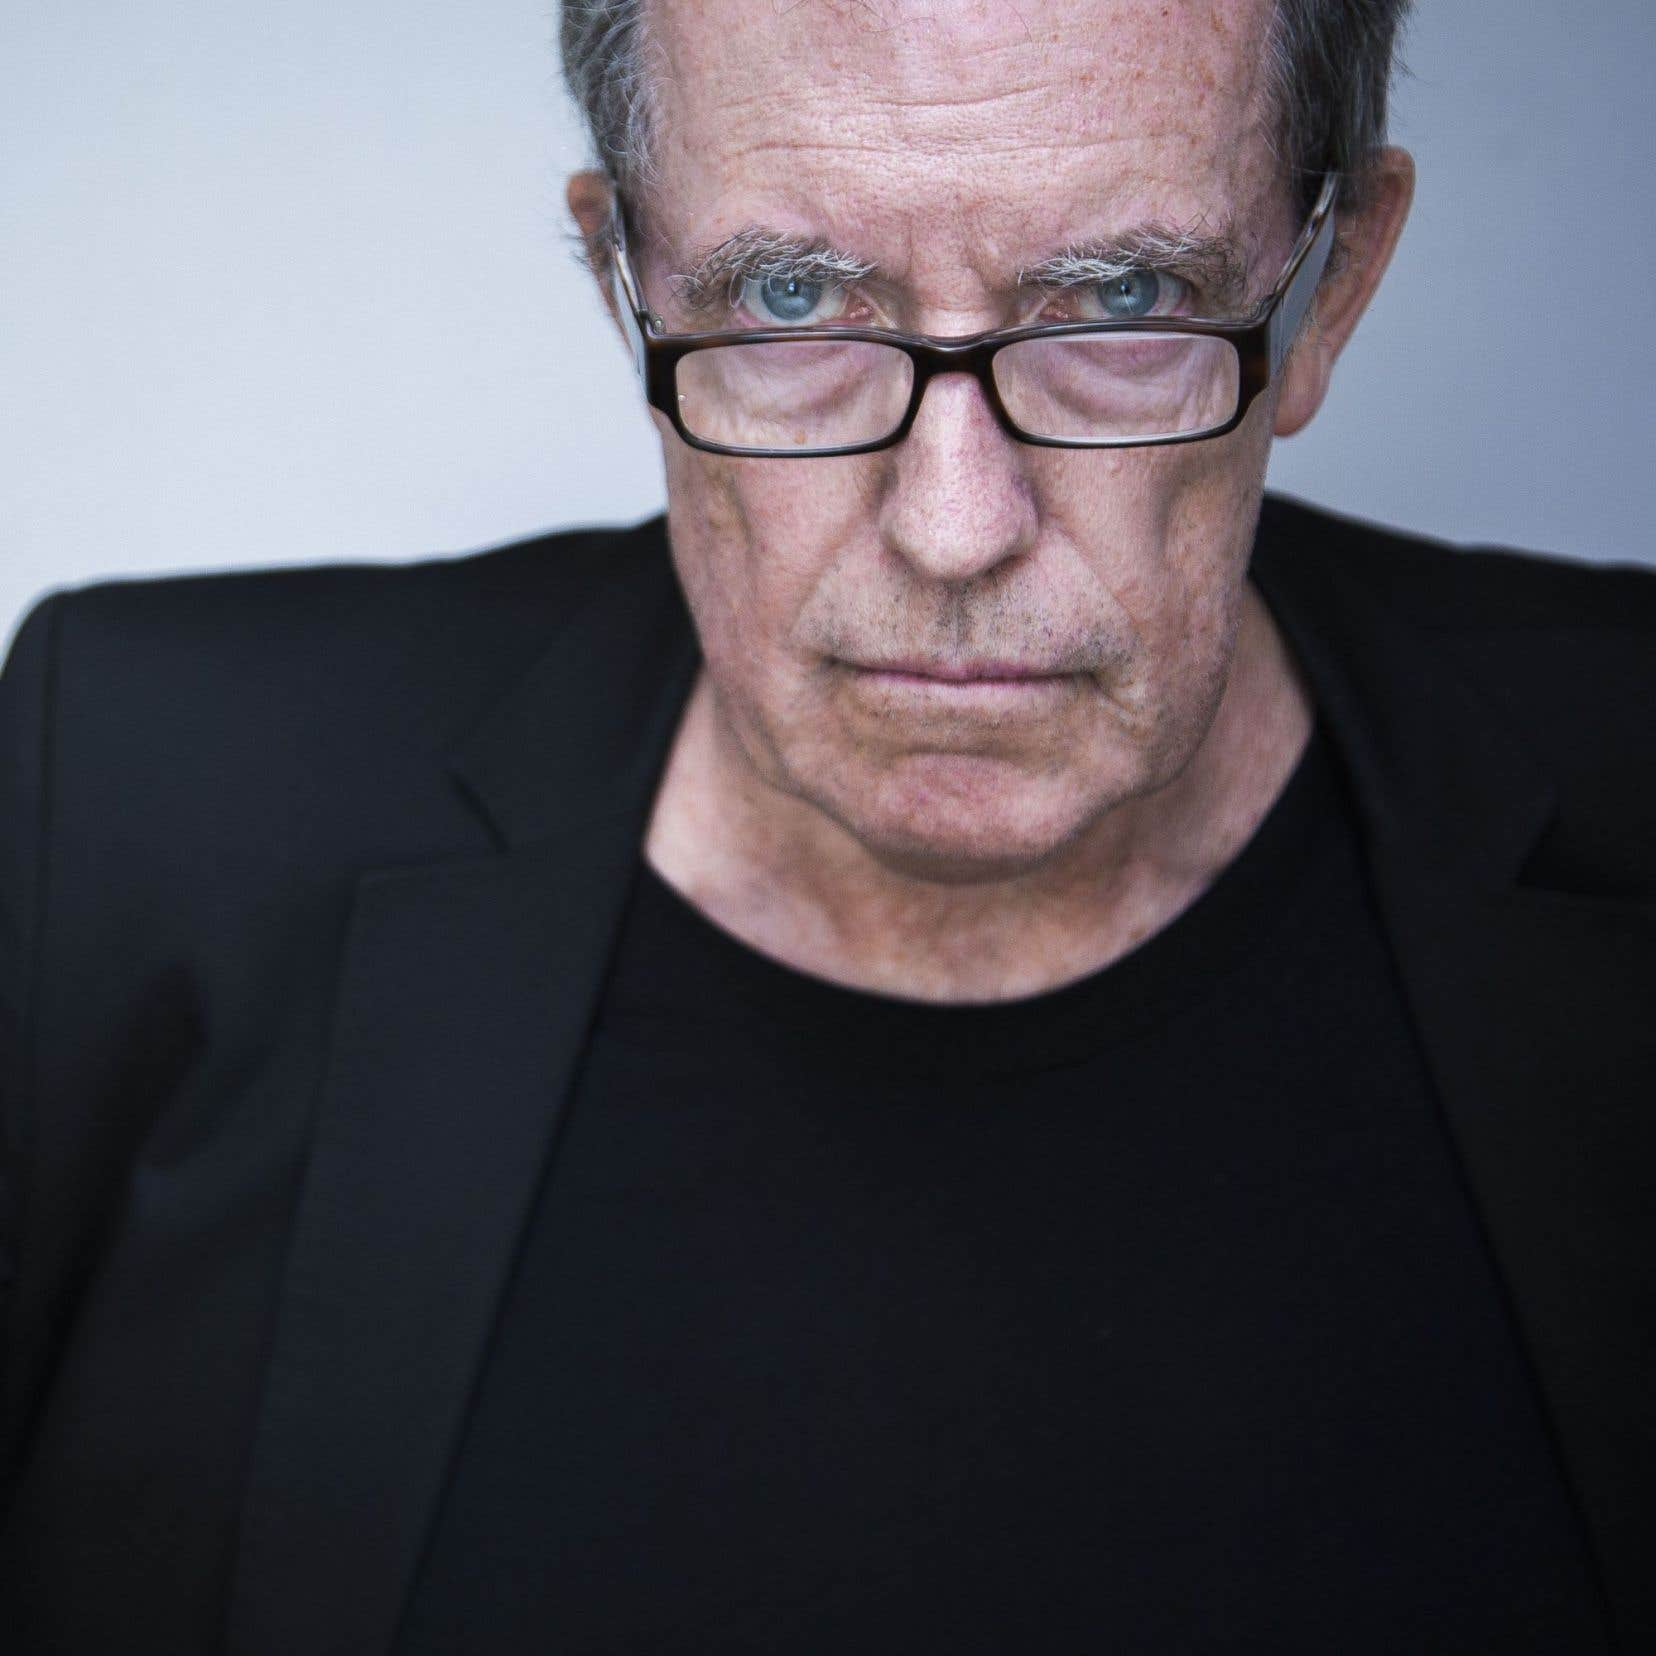 L'écrivain Miquel de Palol sera à Montréal pour parler de sa génération d'écrivains post-Franco.